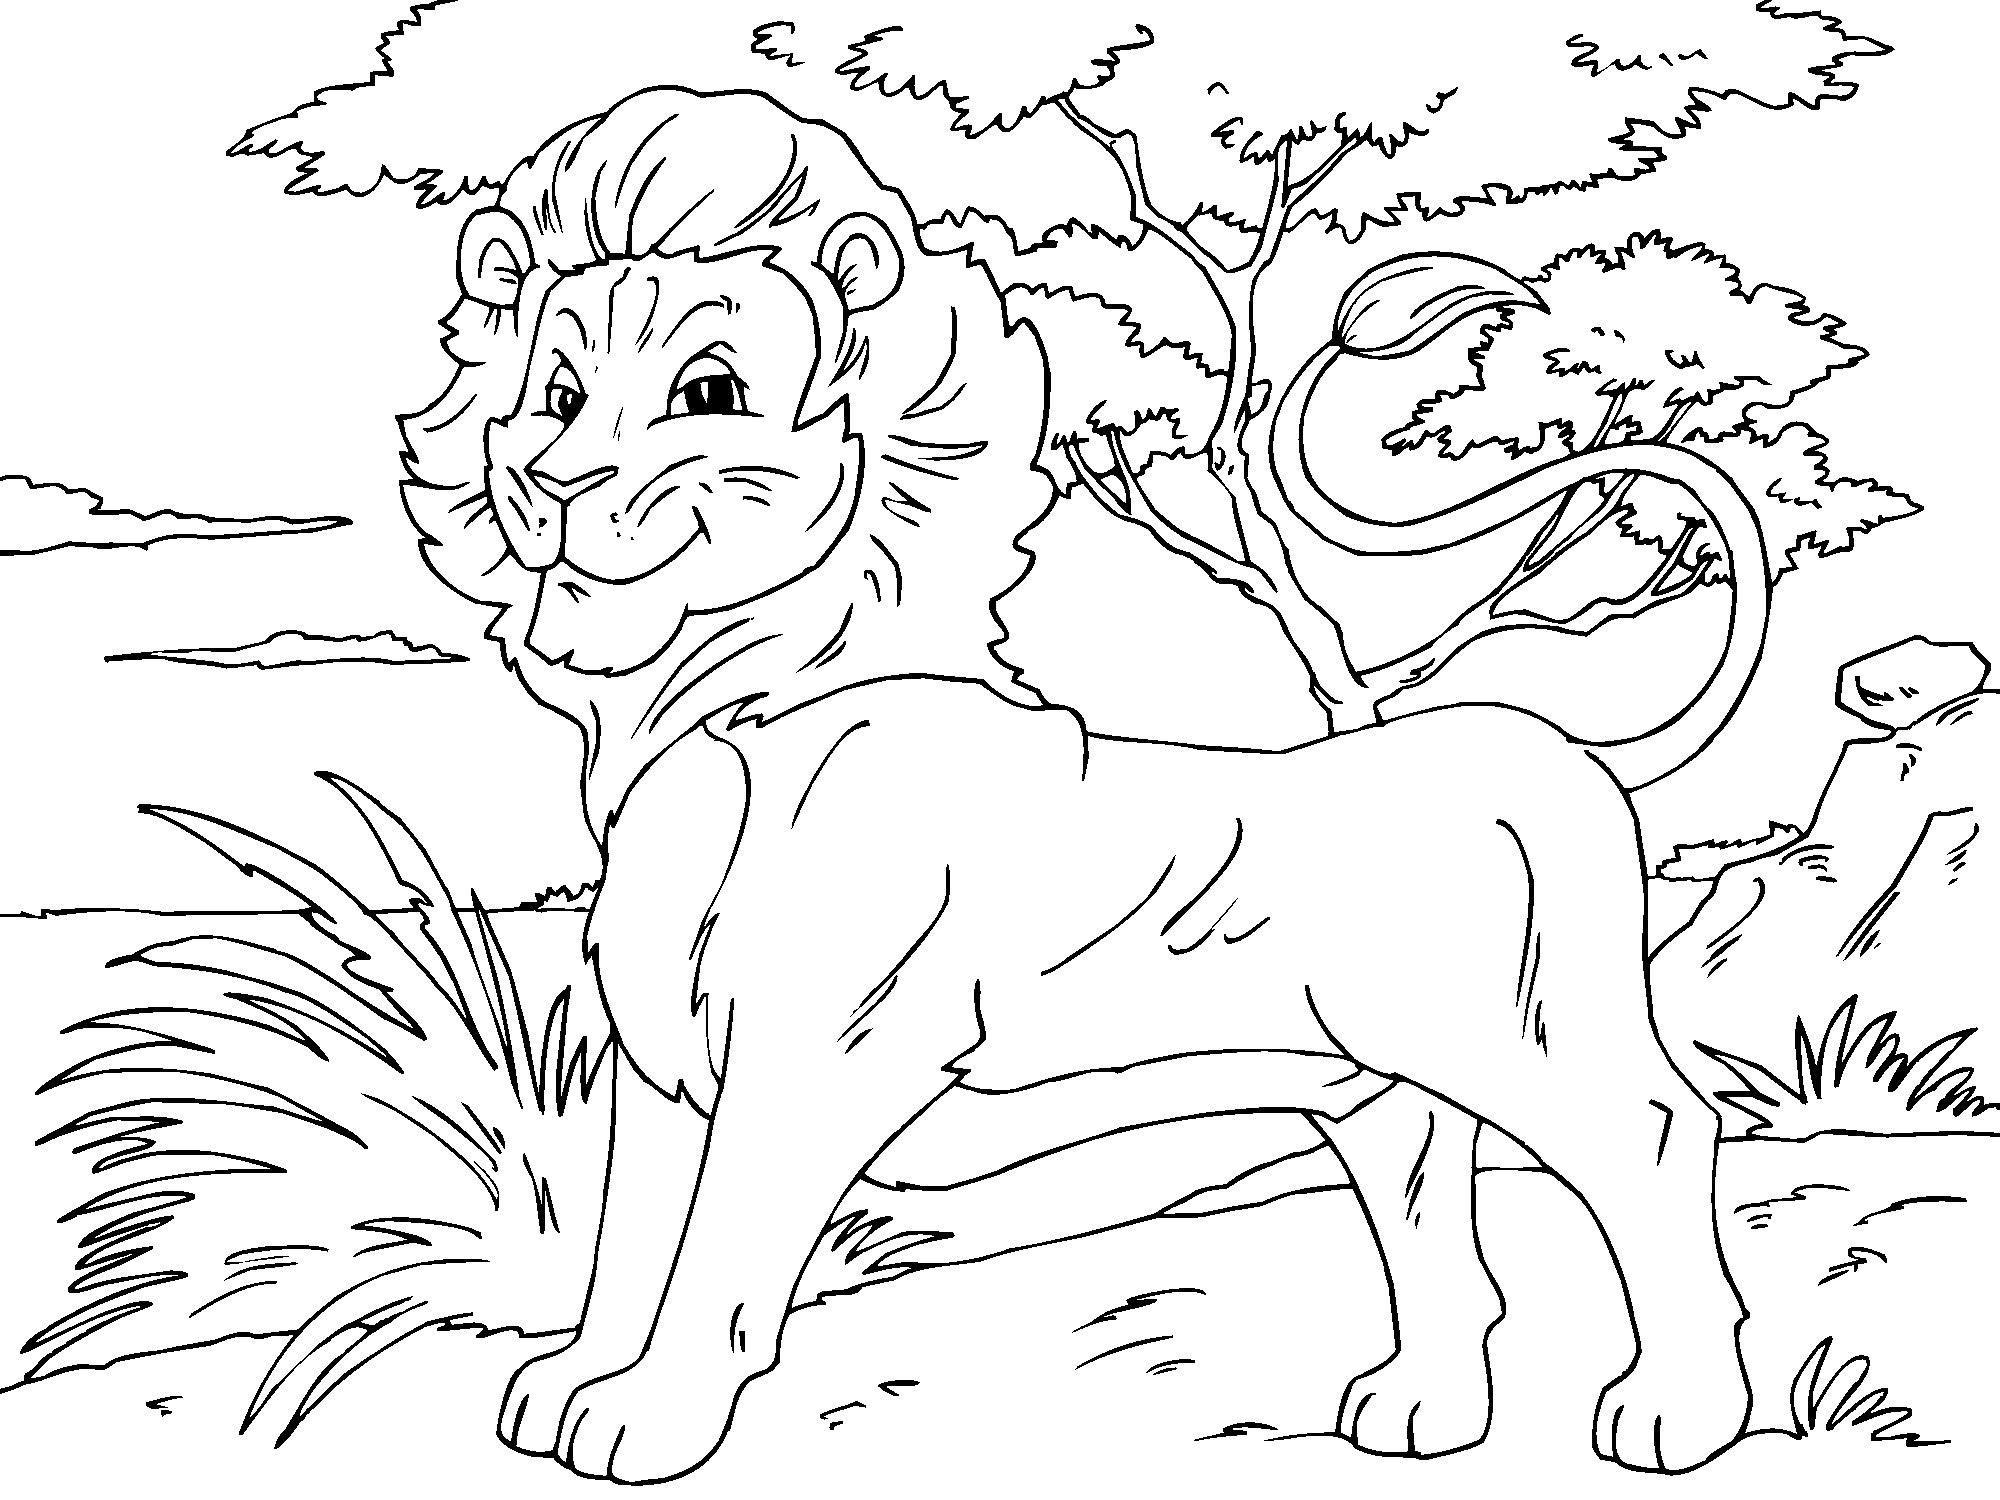 Coloriage de Lion avec plein de détails